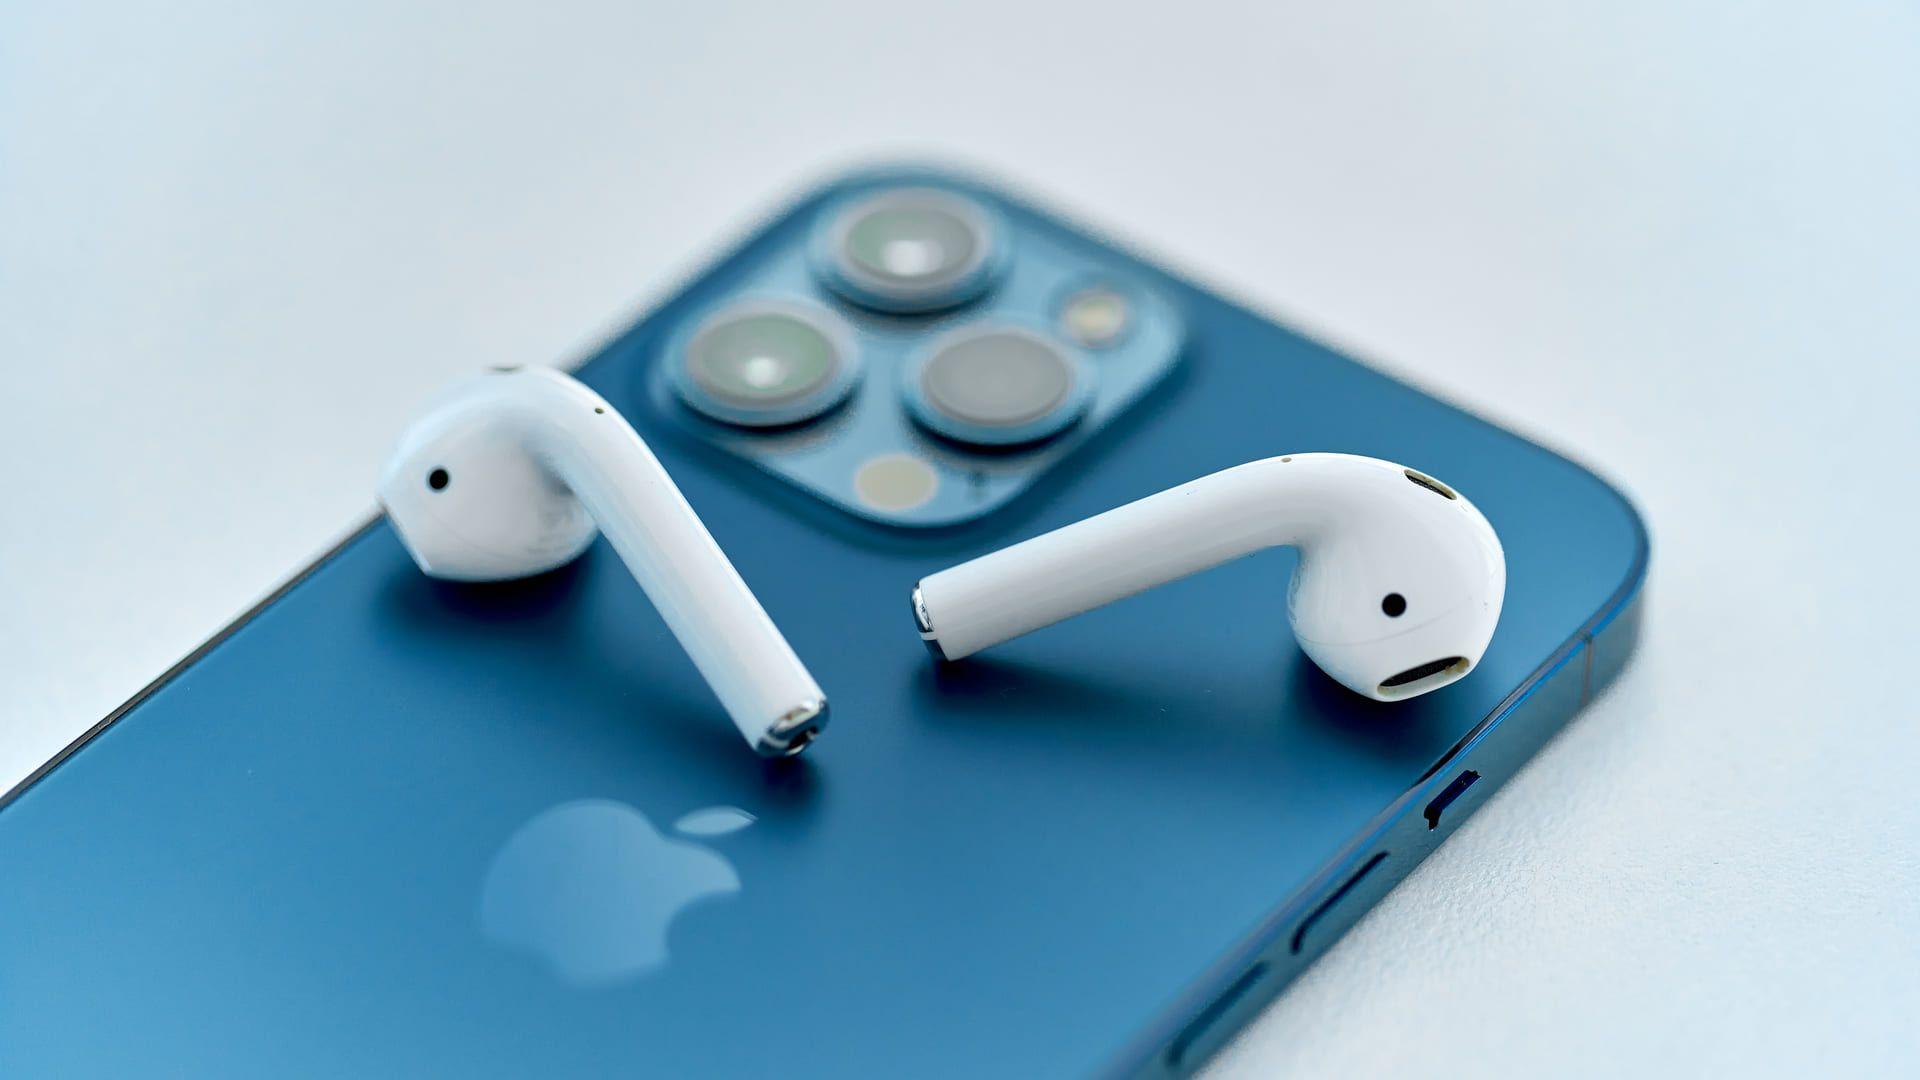 Os Airpods 2° geração possuem ótima integração com dispósitivos Apple. (Foto: Shutterstock)